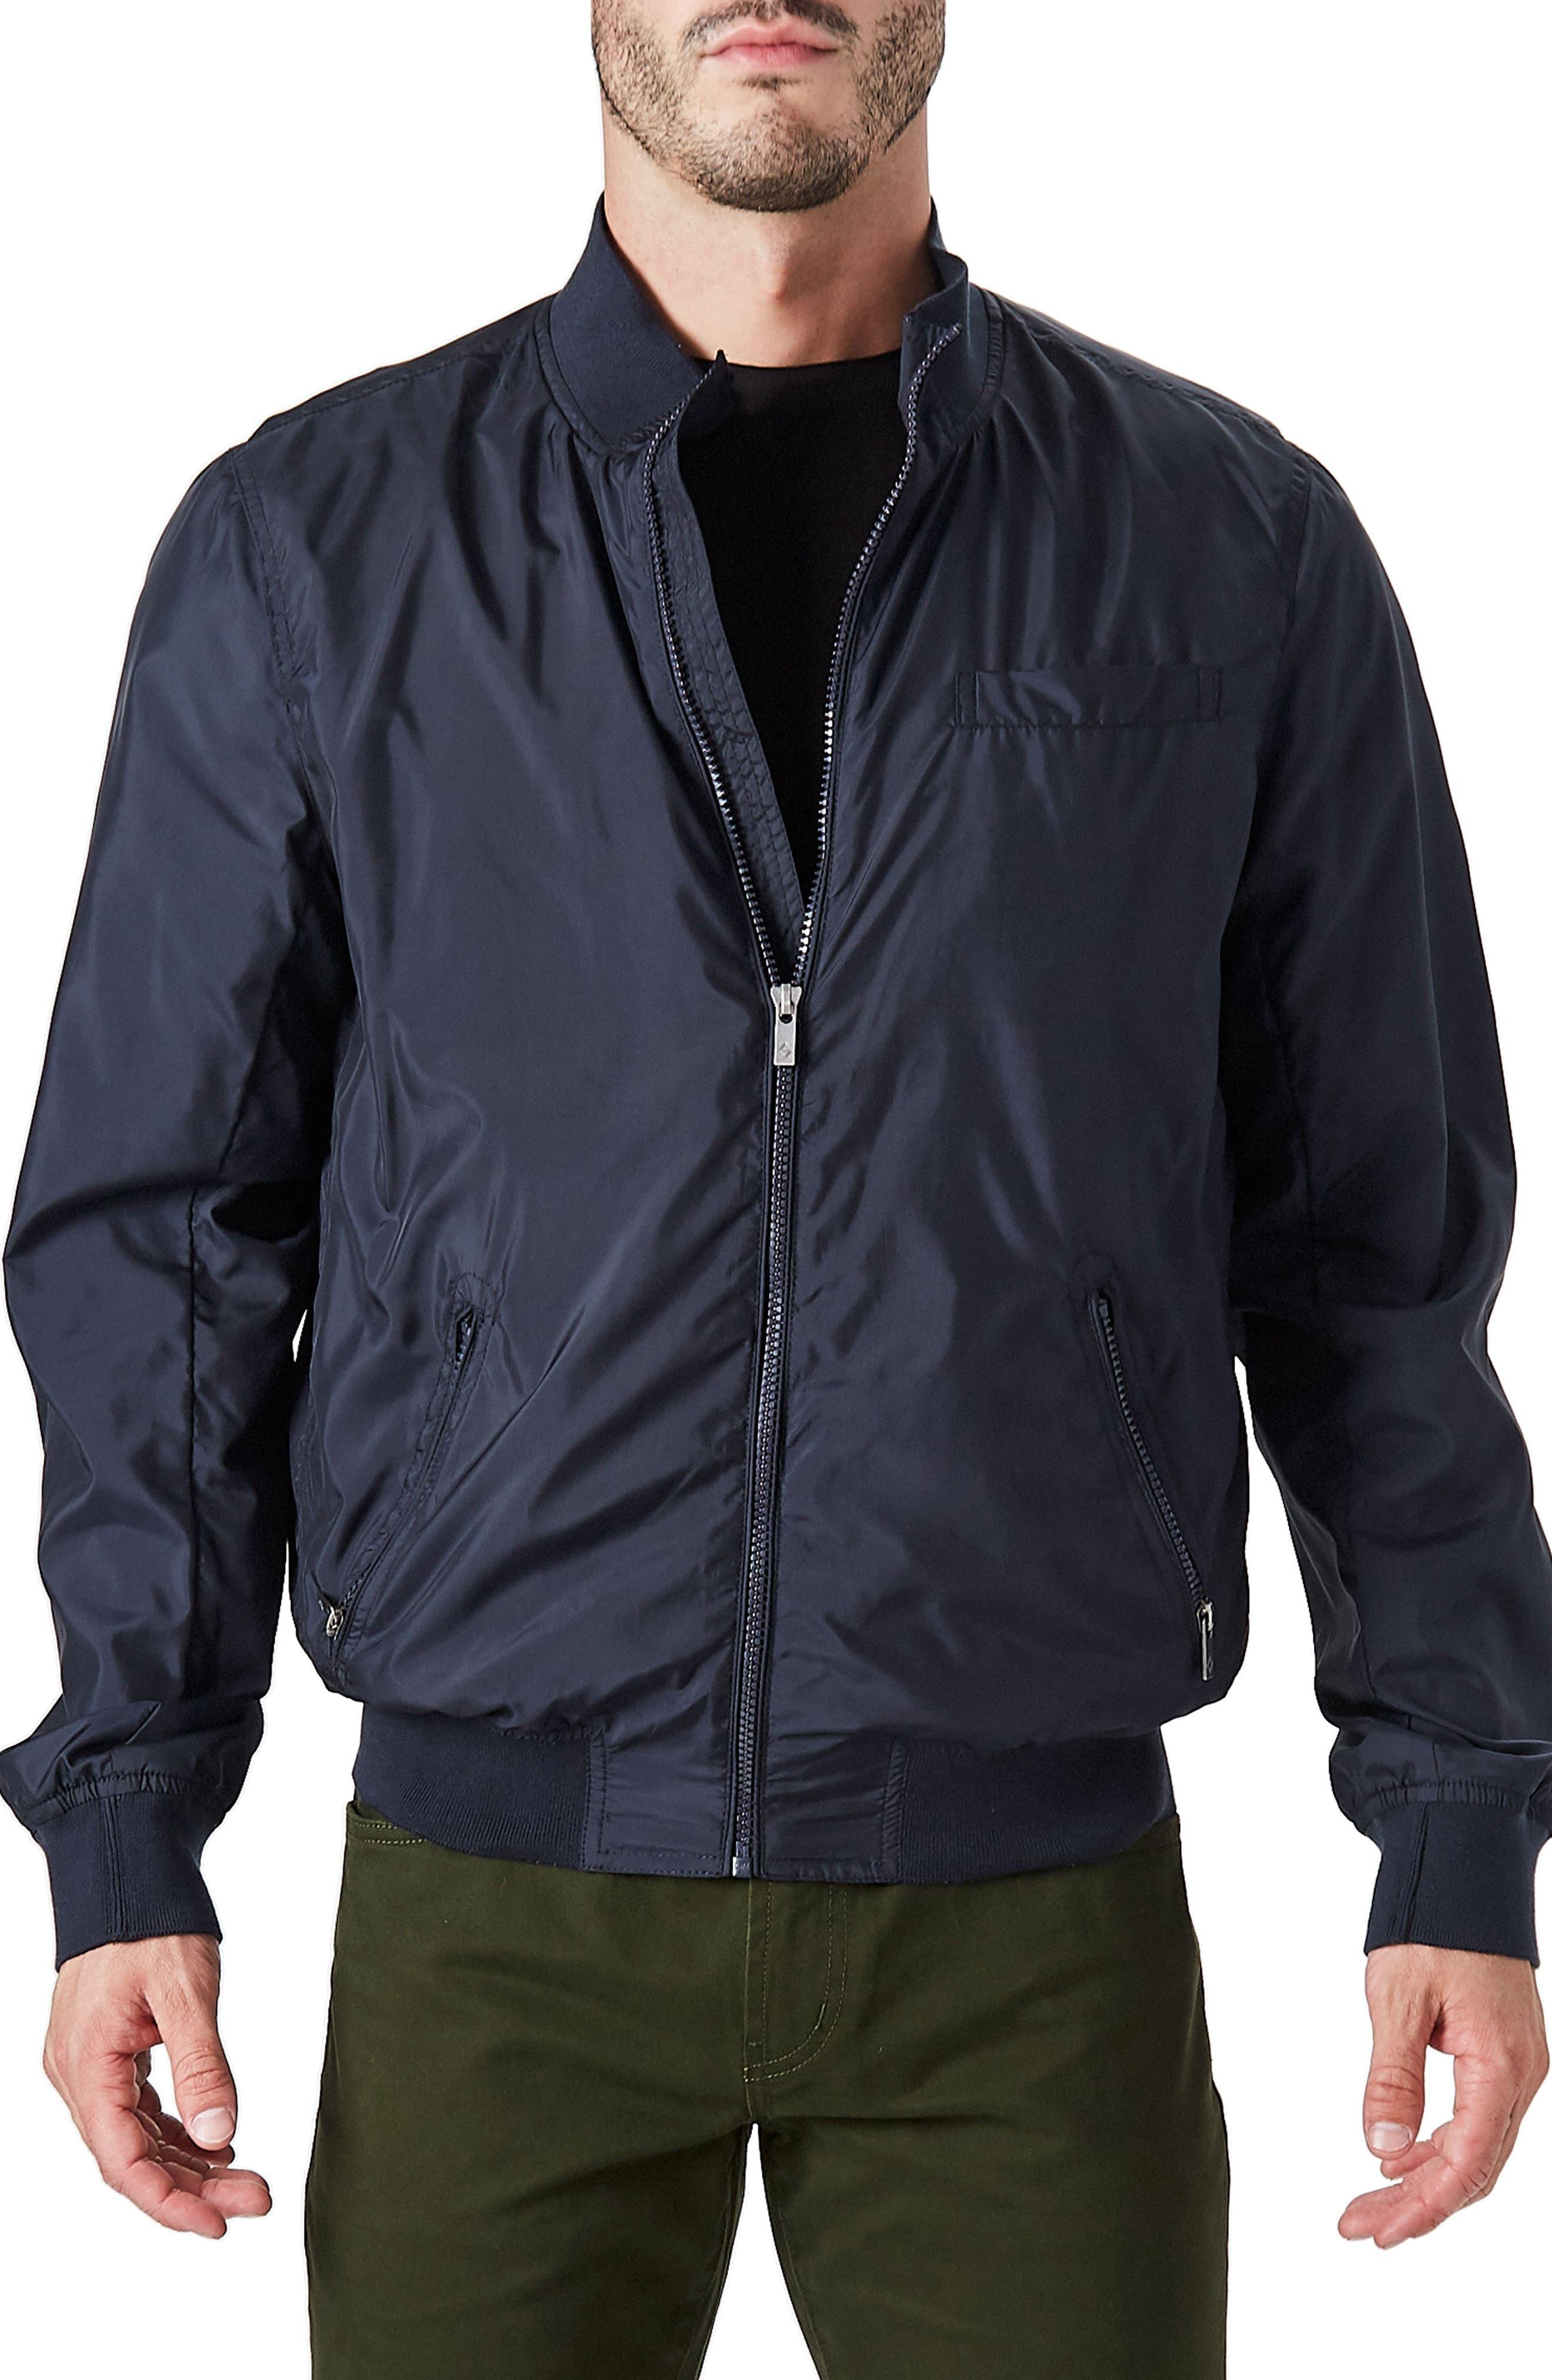 Loosid Jacket,                             Main thumbnail 2, color,